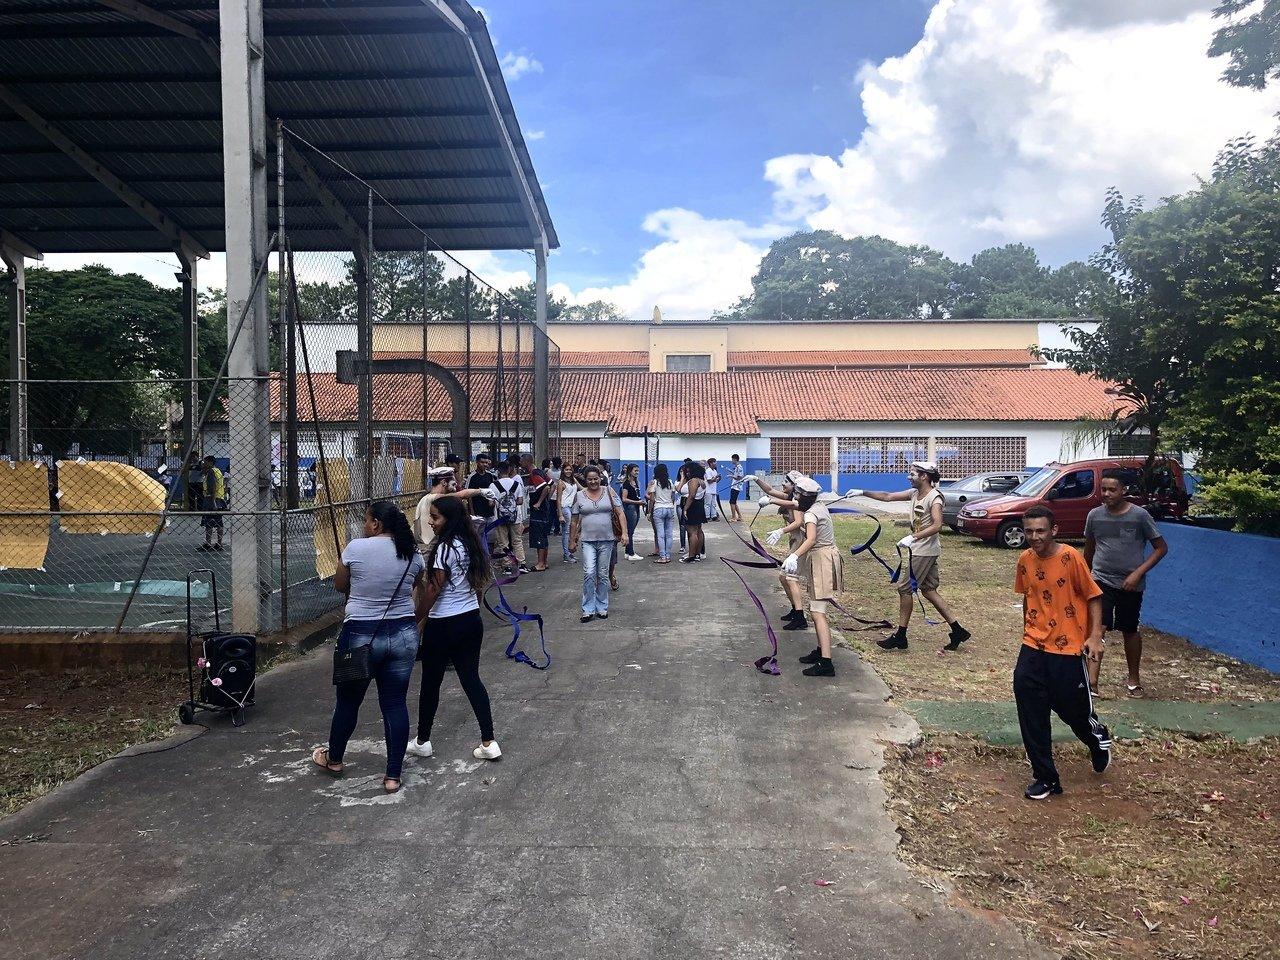 Pátio da escola Raul Brasil com atividade recreativa com palhaços e alunos brincando enfileirados